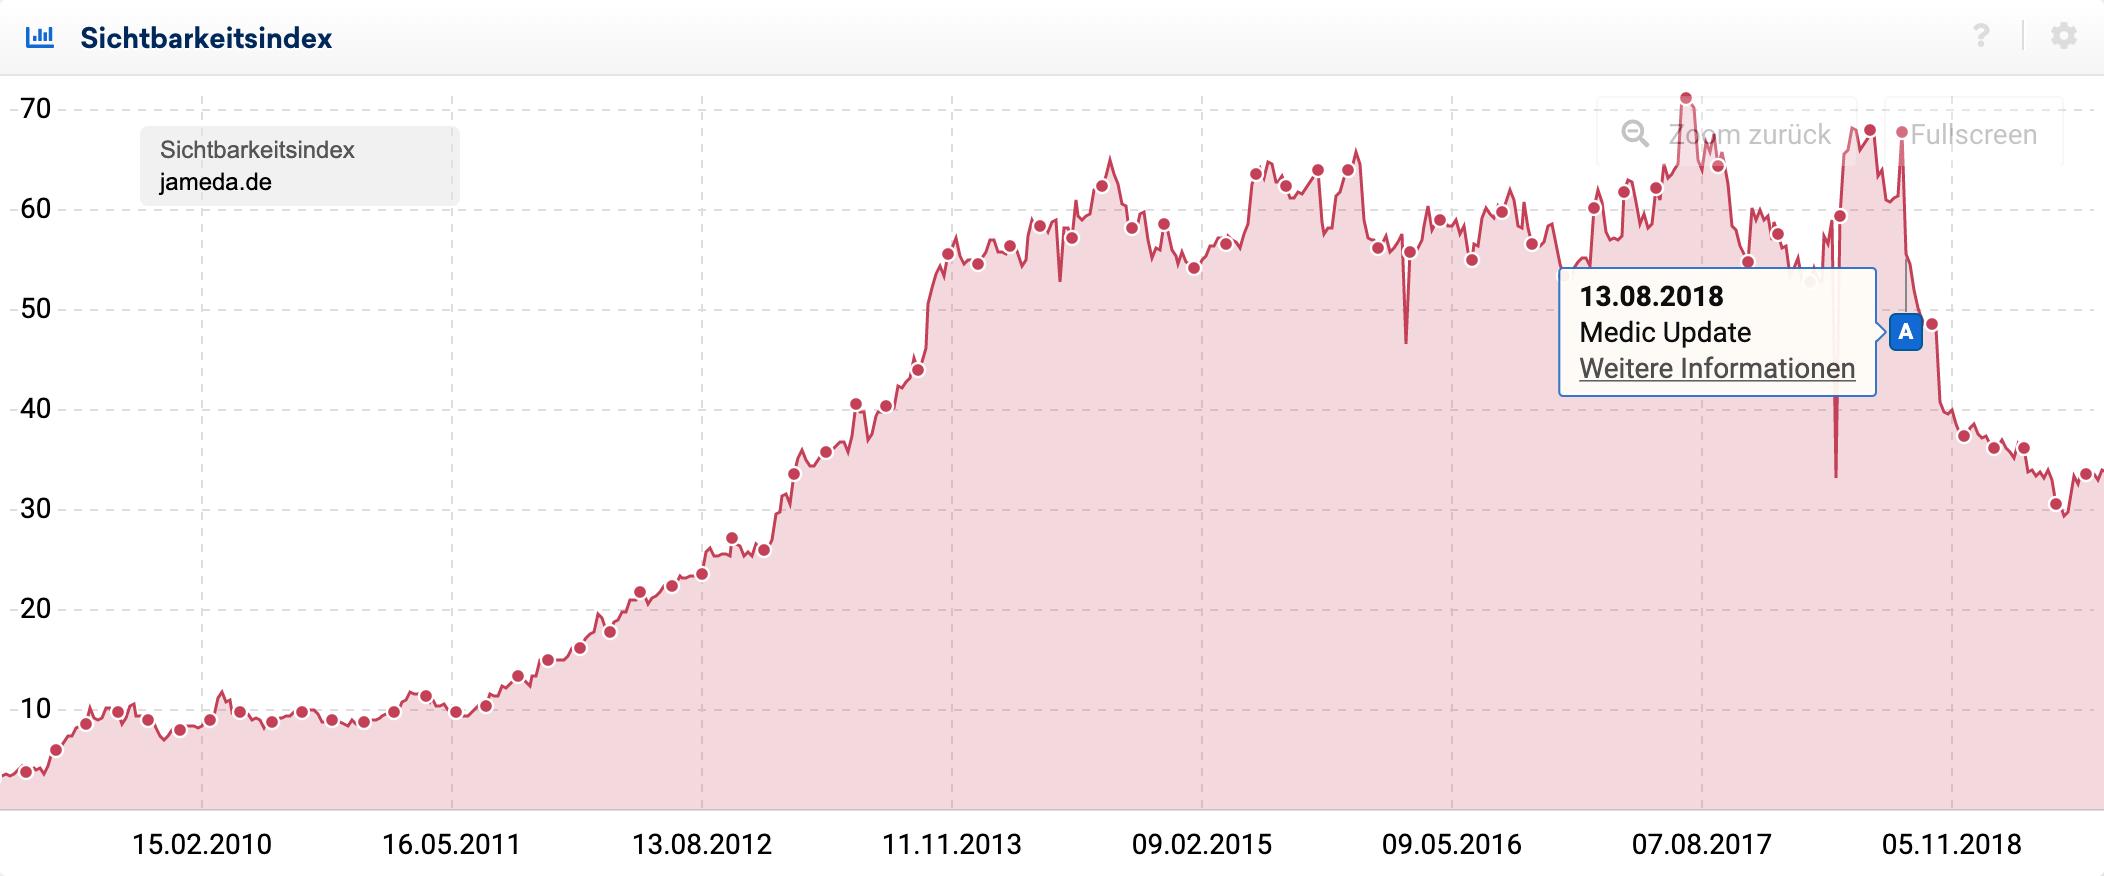 Sichtbarkeitsverlauf der Domain jameda.de bei dem, ab dem Zeitpunkt des Google Medic-Update, ein signifikanter Verlust an Sichtbarkeit beginnt. Wenige Monate nach dem Update hat die Domain gut 40 % der Sichtbarkeit verloren.